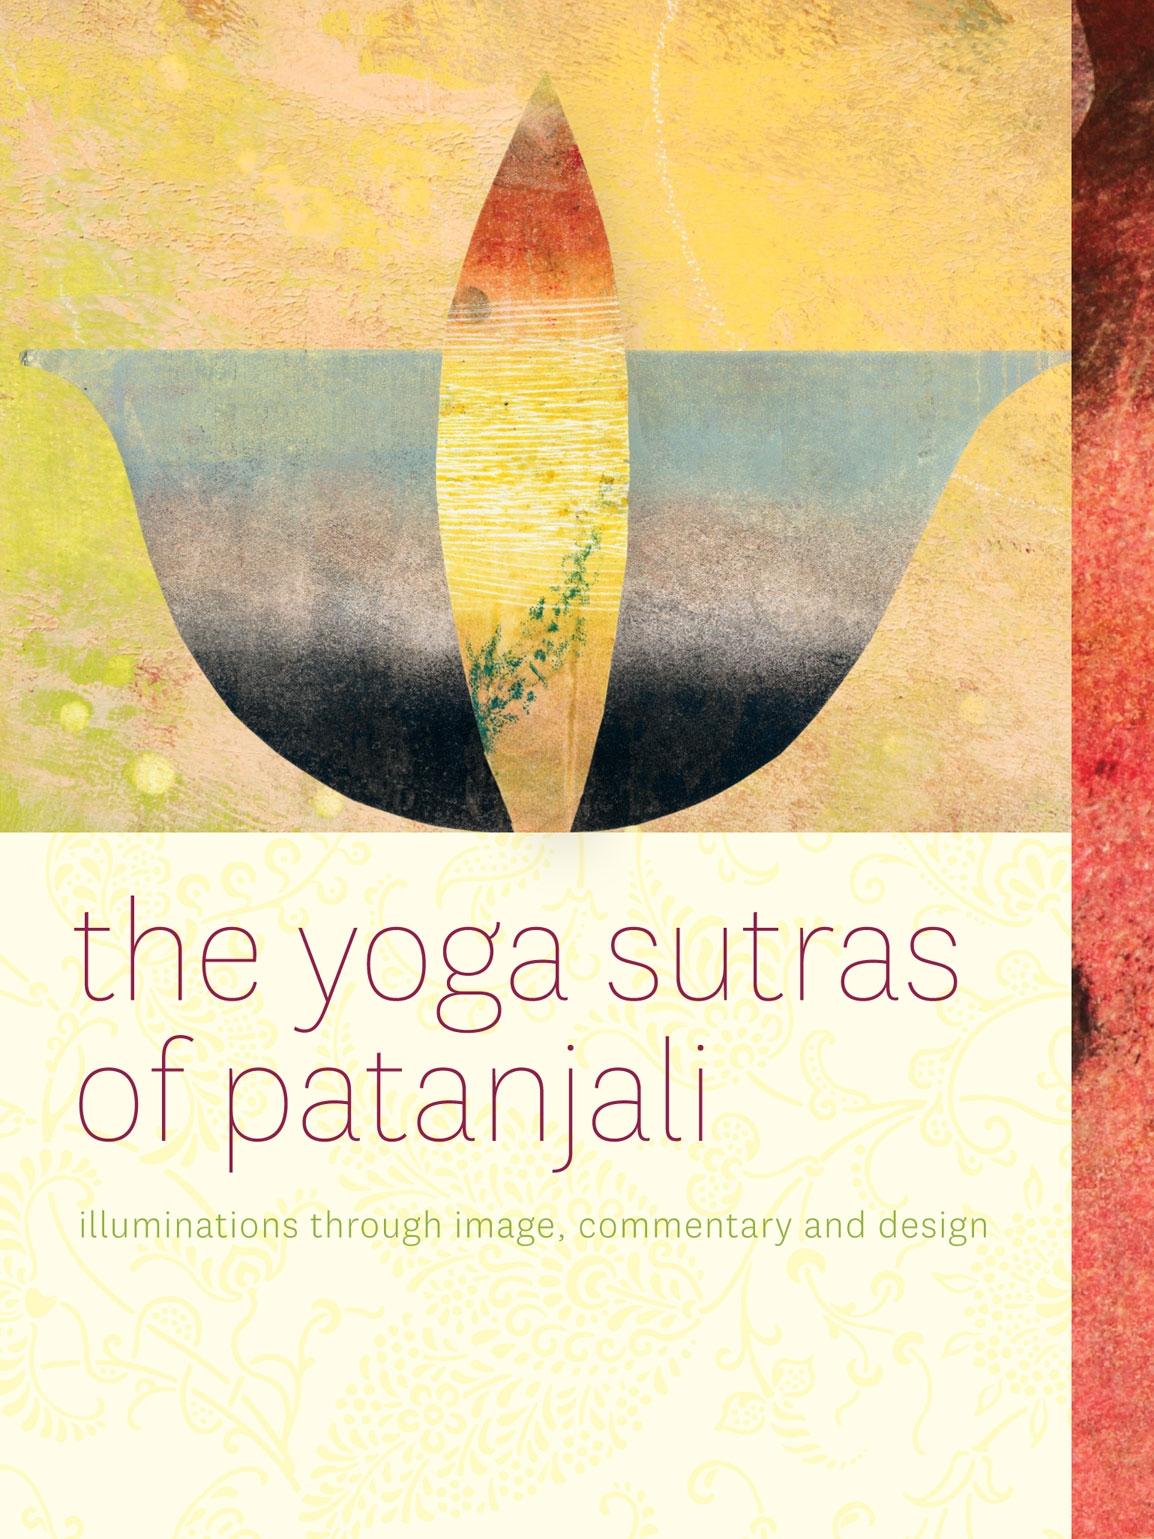 yoga_sutras_cover_final_72ppi.jpg